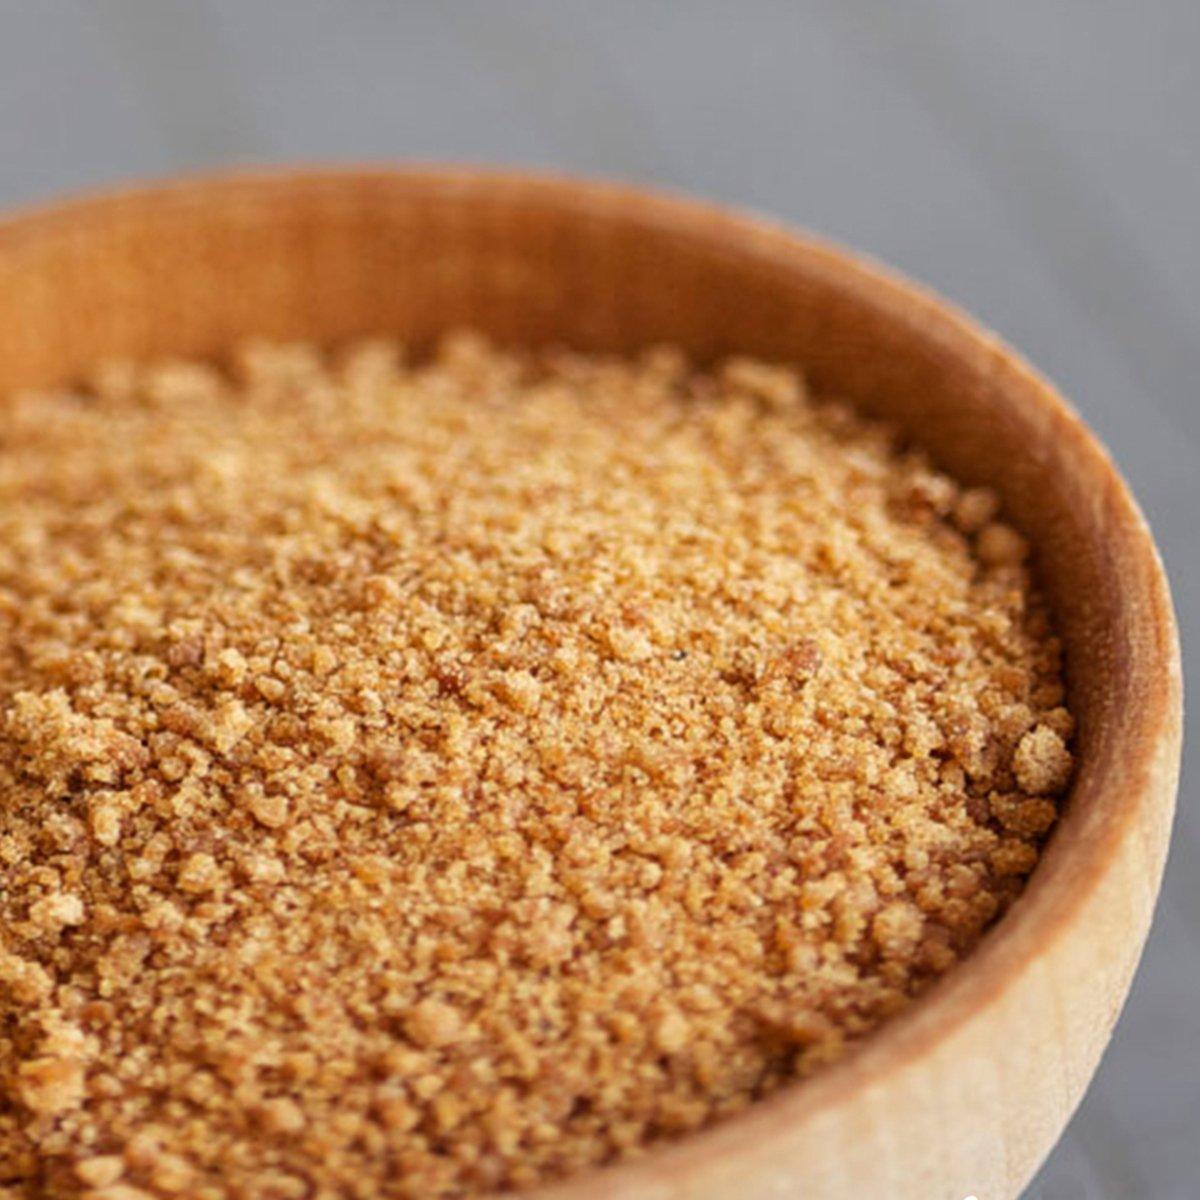 Wholesome Organic Coconut Palm Sugar, Non GMO, Gluten Free, 1 LB bag (single pouch) by Wholesome (Image #2)